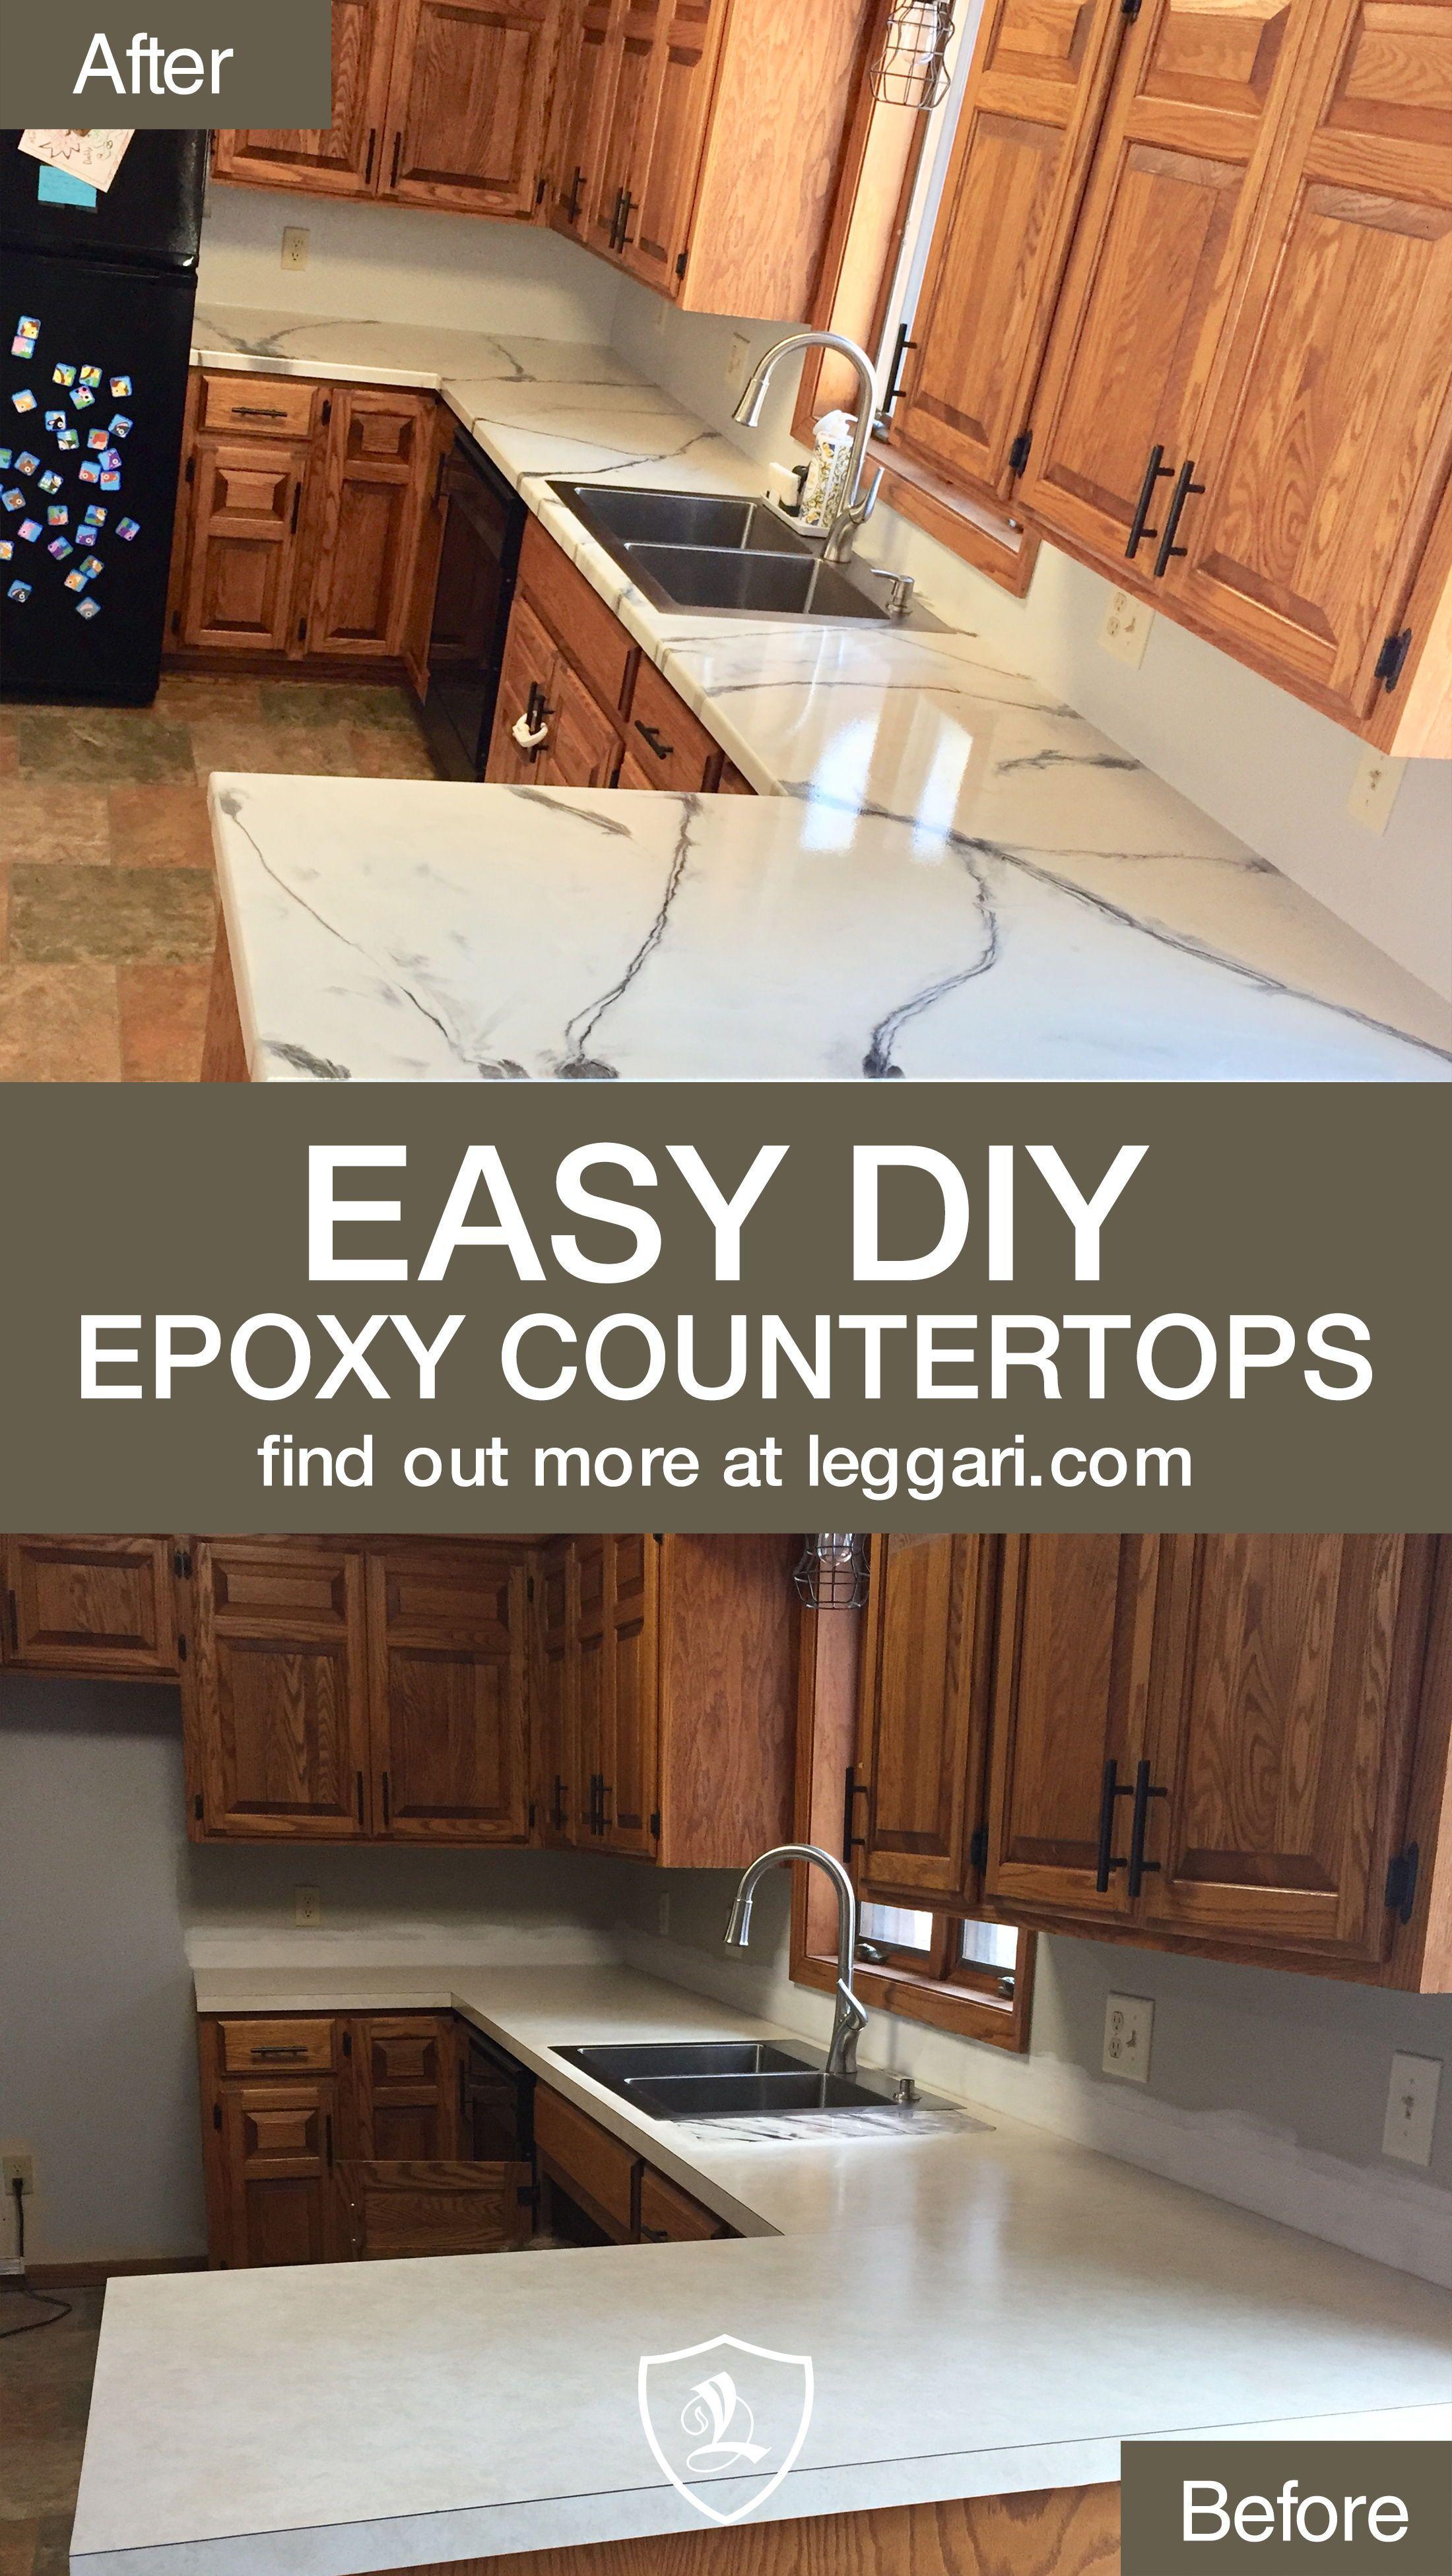 Diy Epoxy Arbeitsplatten Und Boden Mit Leggari Produkten Geben Sie Ihrer Kuche Eine Renovierung Sie Konnen Vorhande In 2020 Arbeitsplatte Kuchenarbeitsplatte Laminat